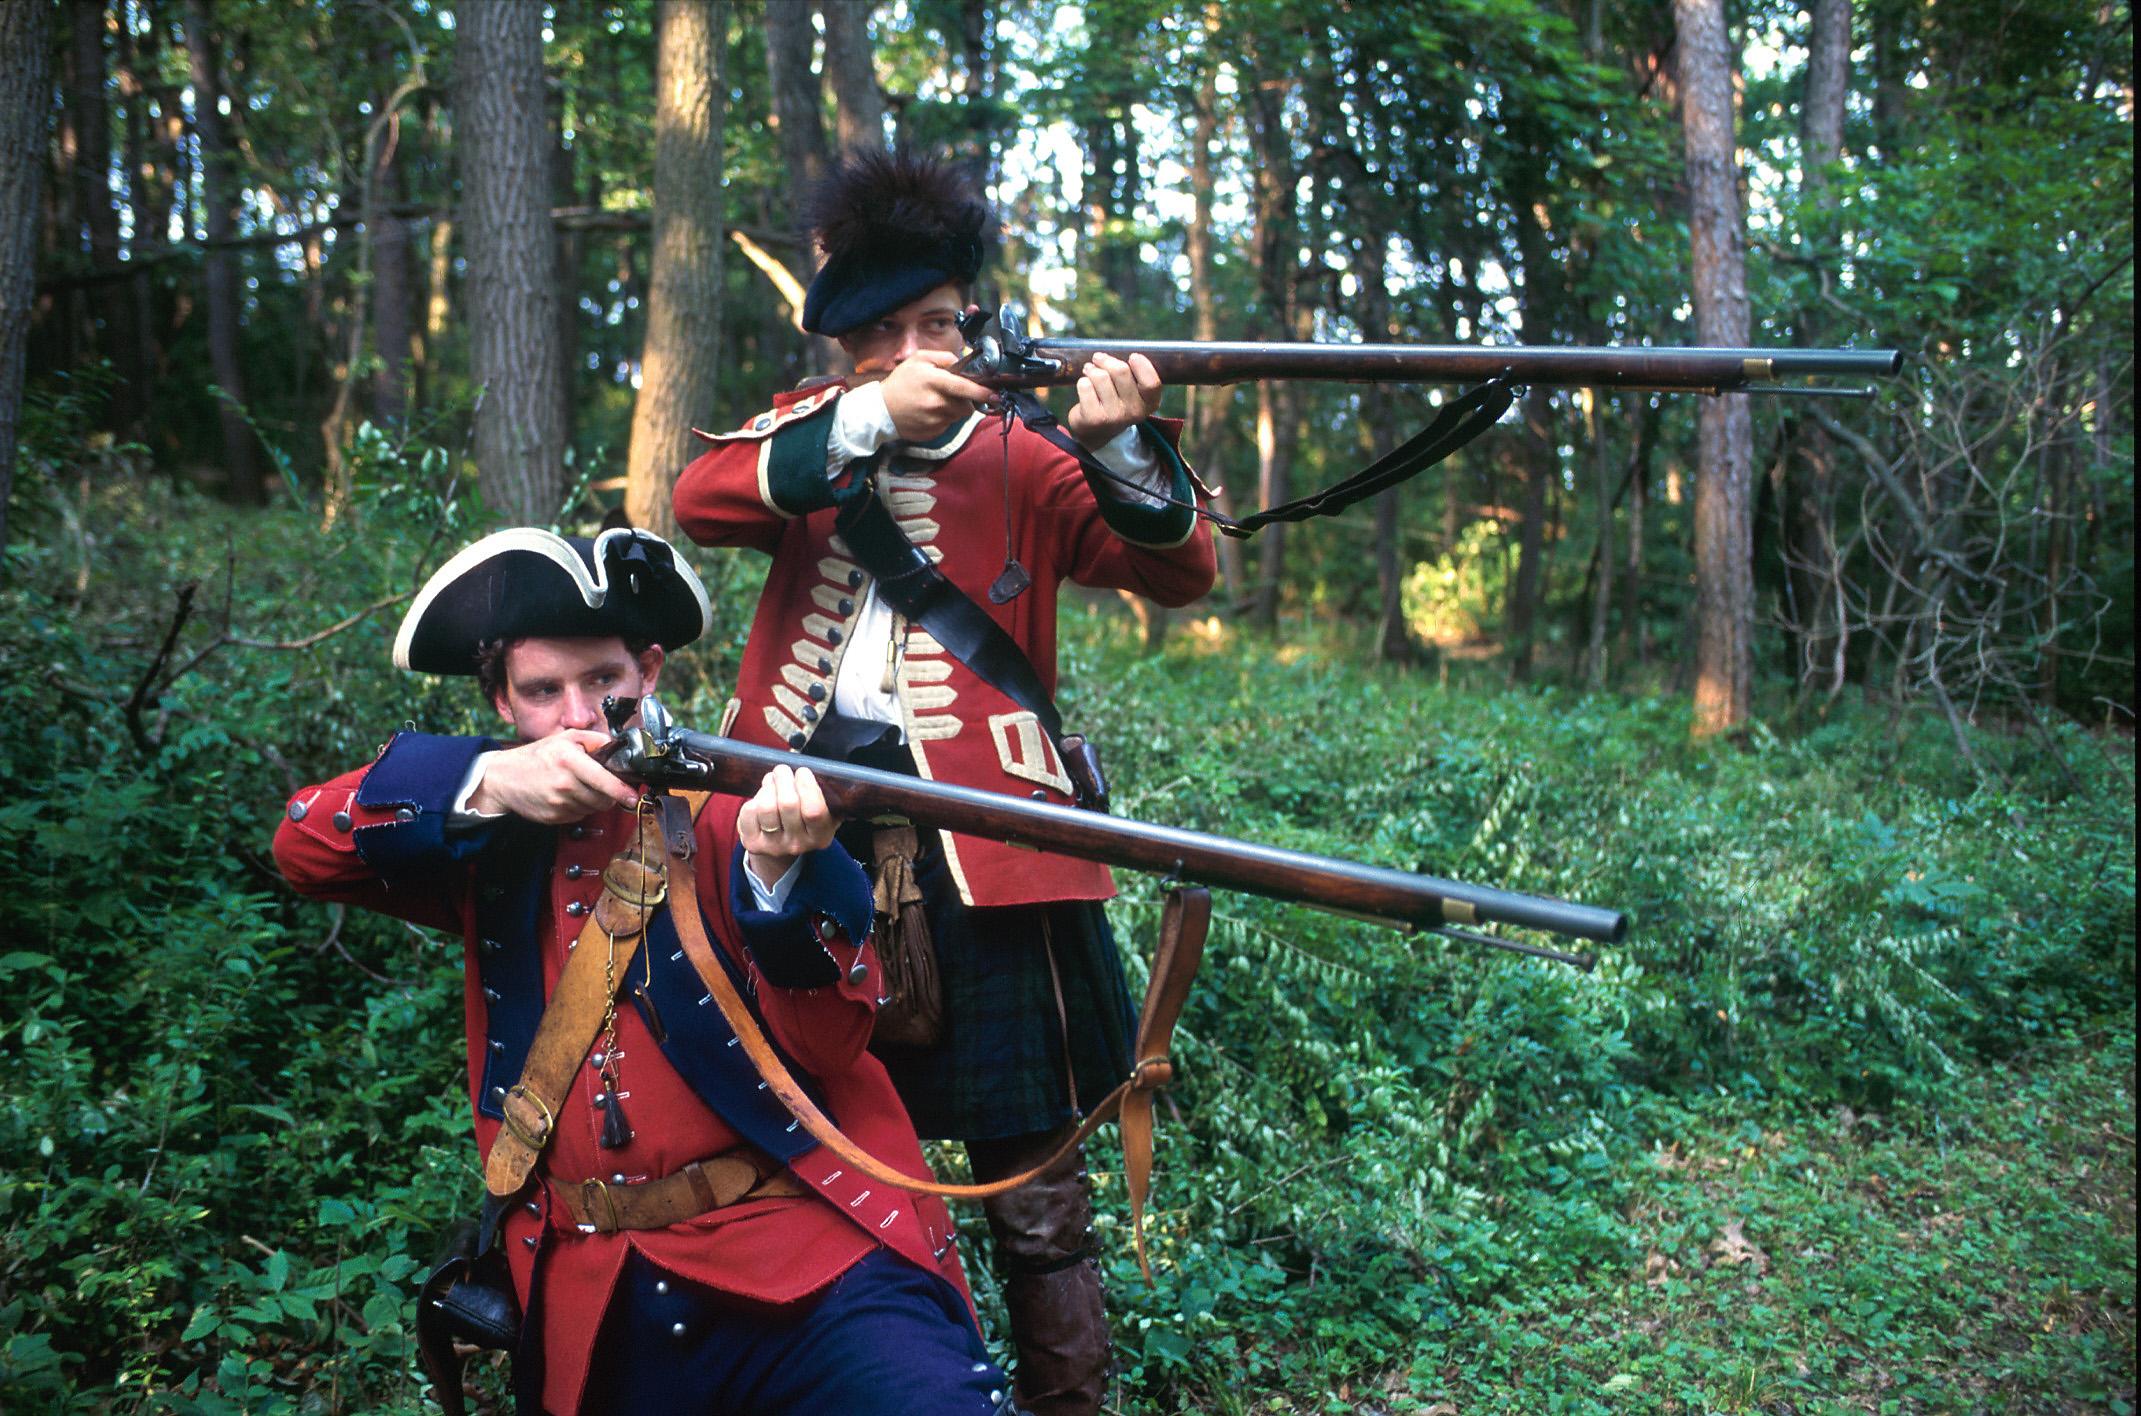 Atores segurando rifles encenam a Guerra da Independência (Depto. de Estado)